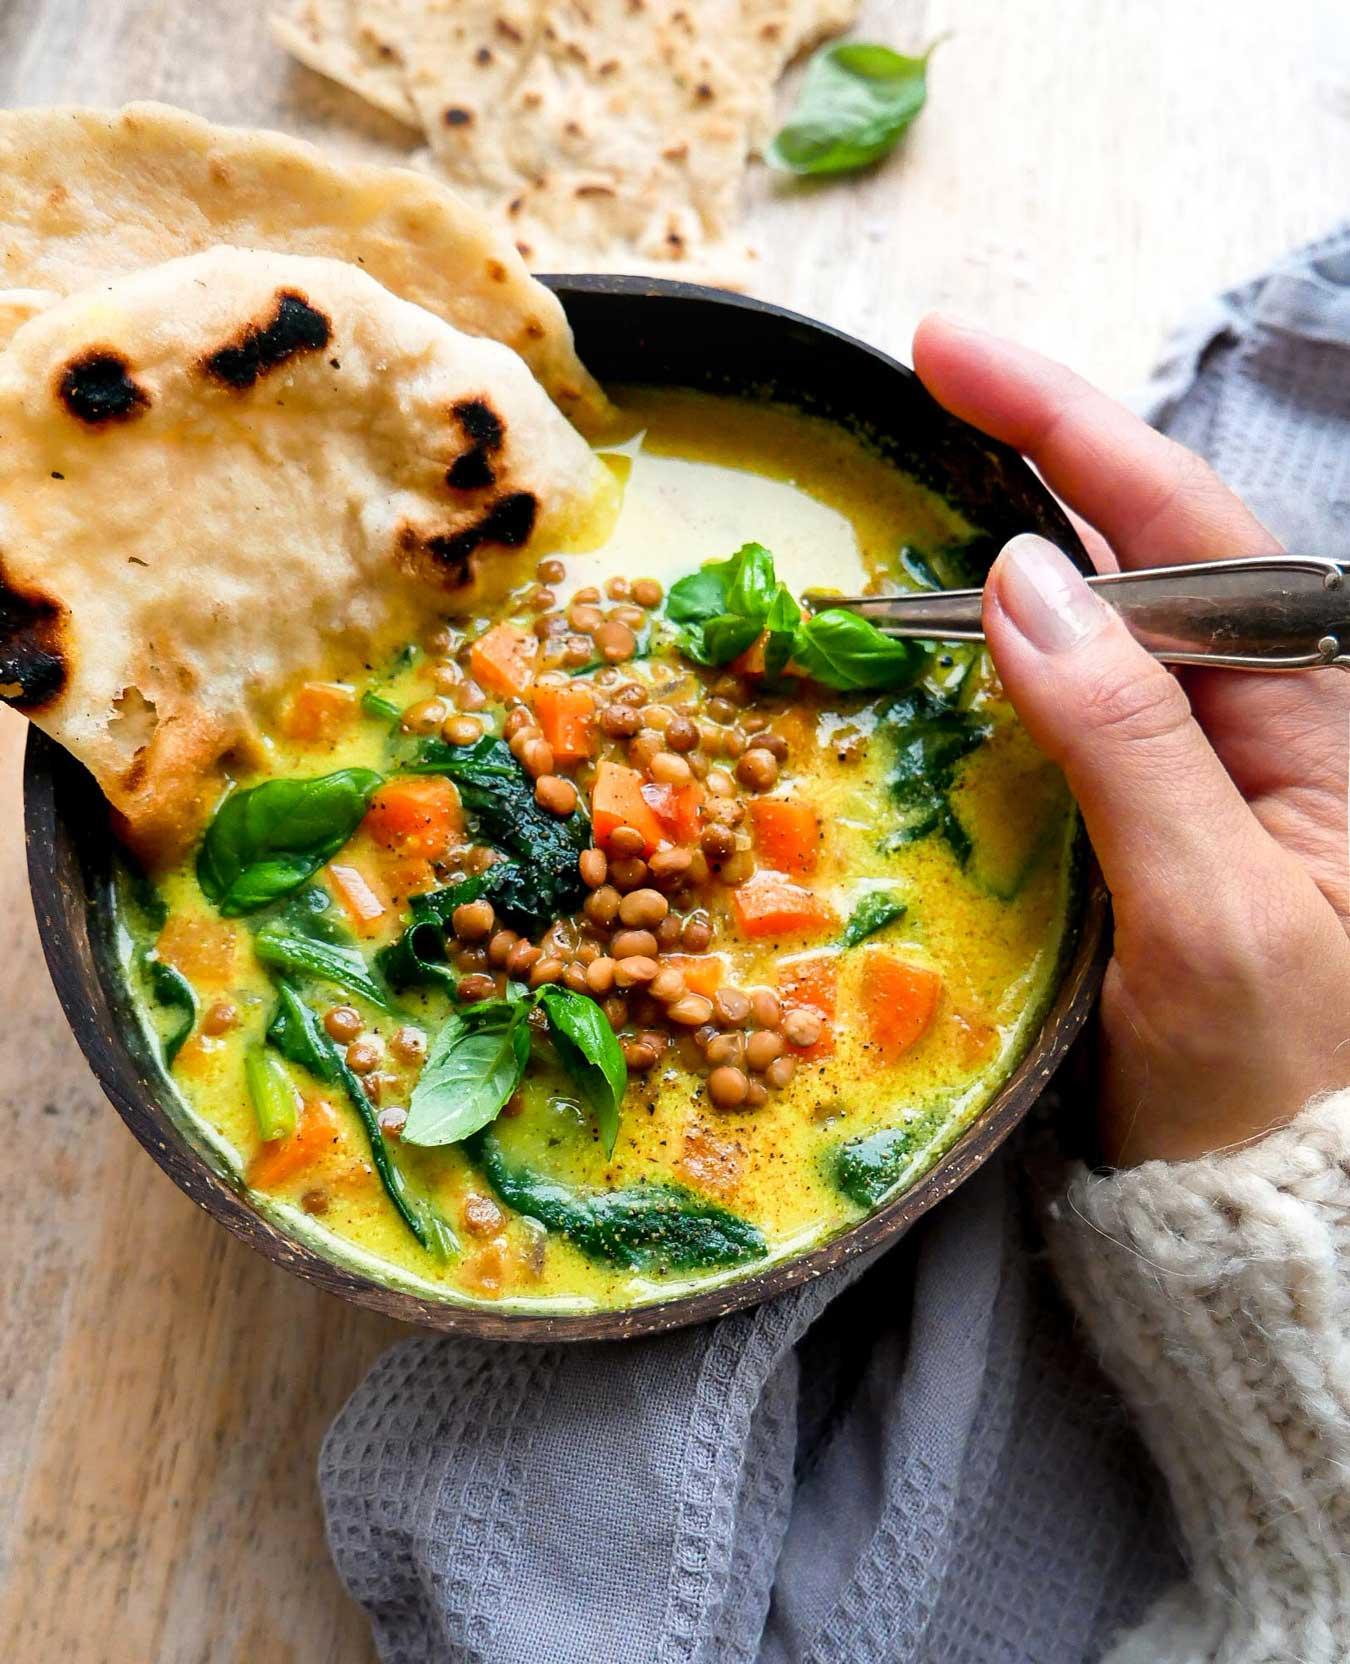 opskrift på vegansk suppe med linser og grøntsager